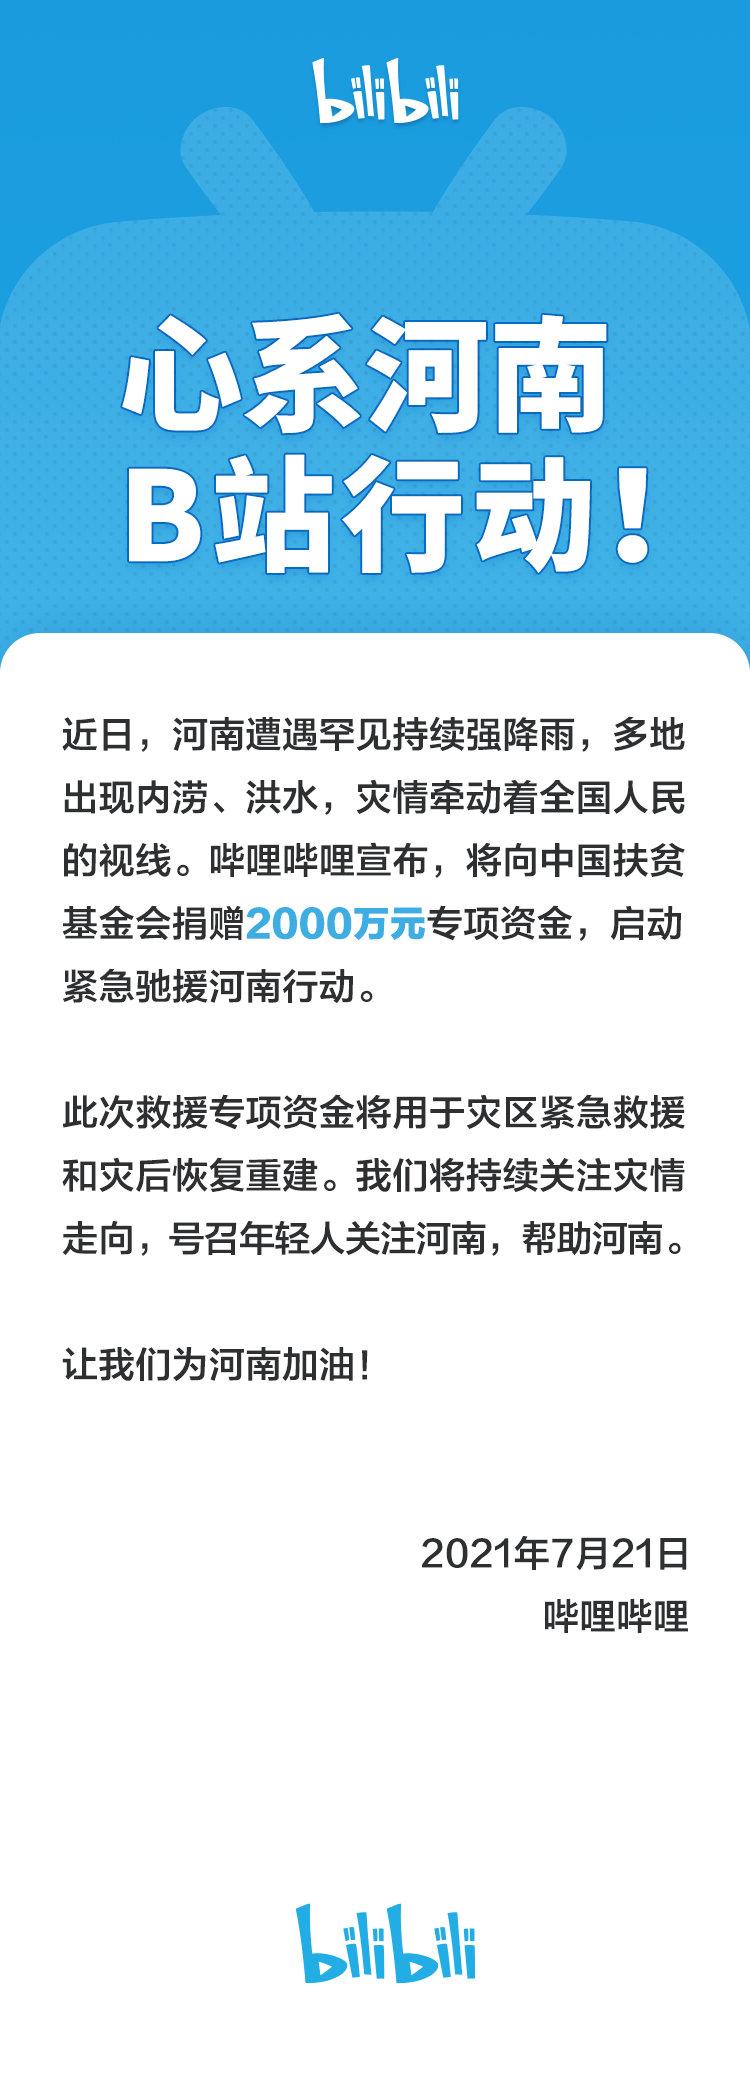 哔哩哔哩:向中国扶贫基金会捐赠2000万专项资金紧急驰援河南